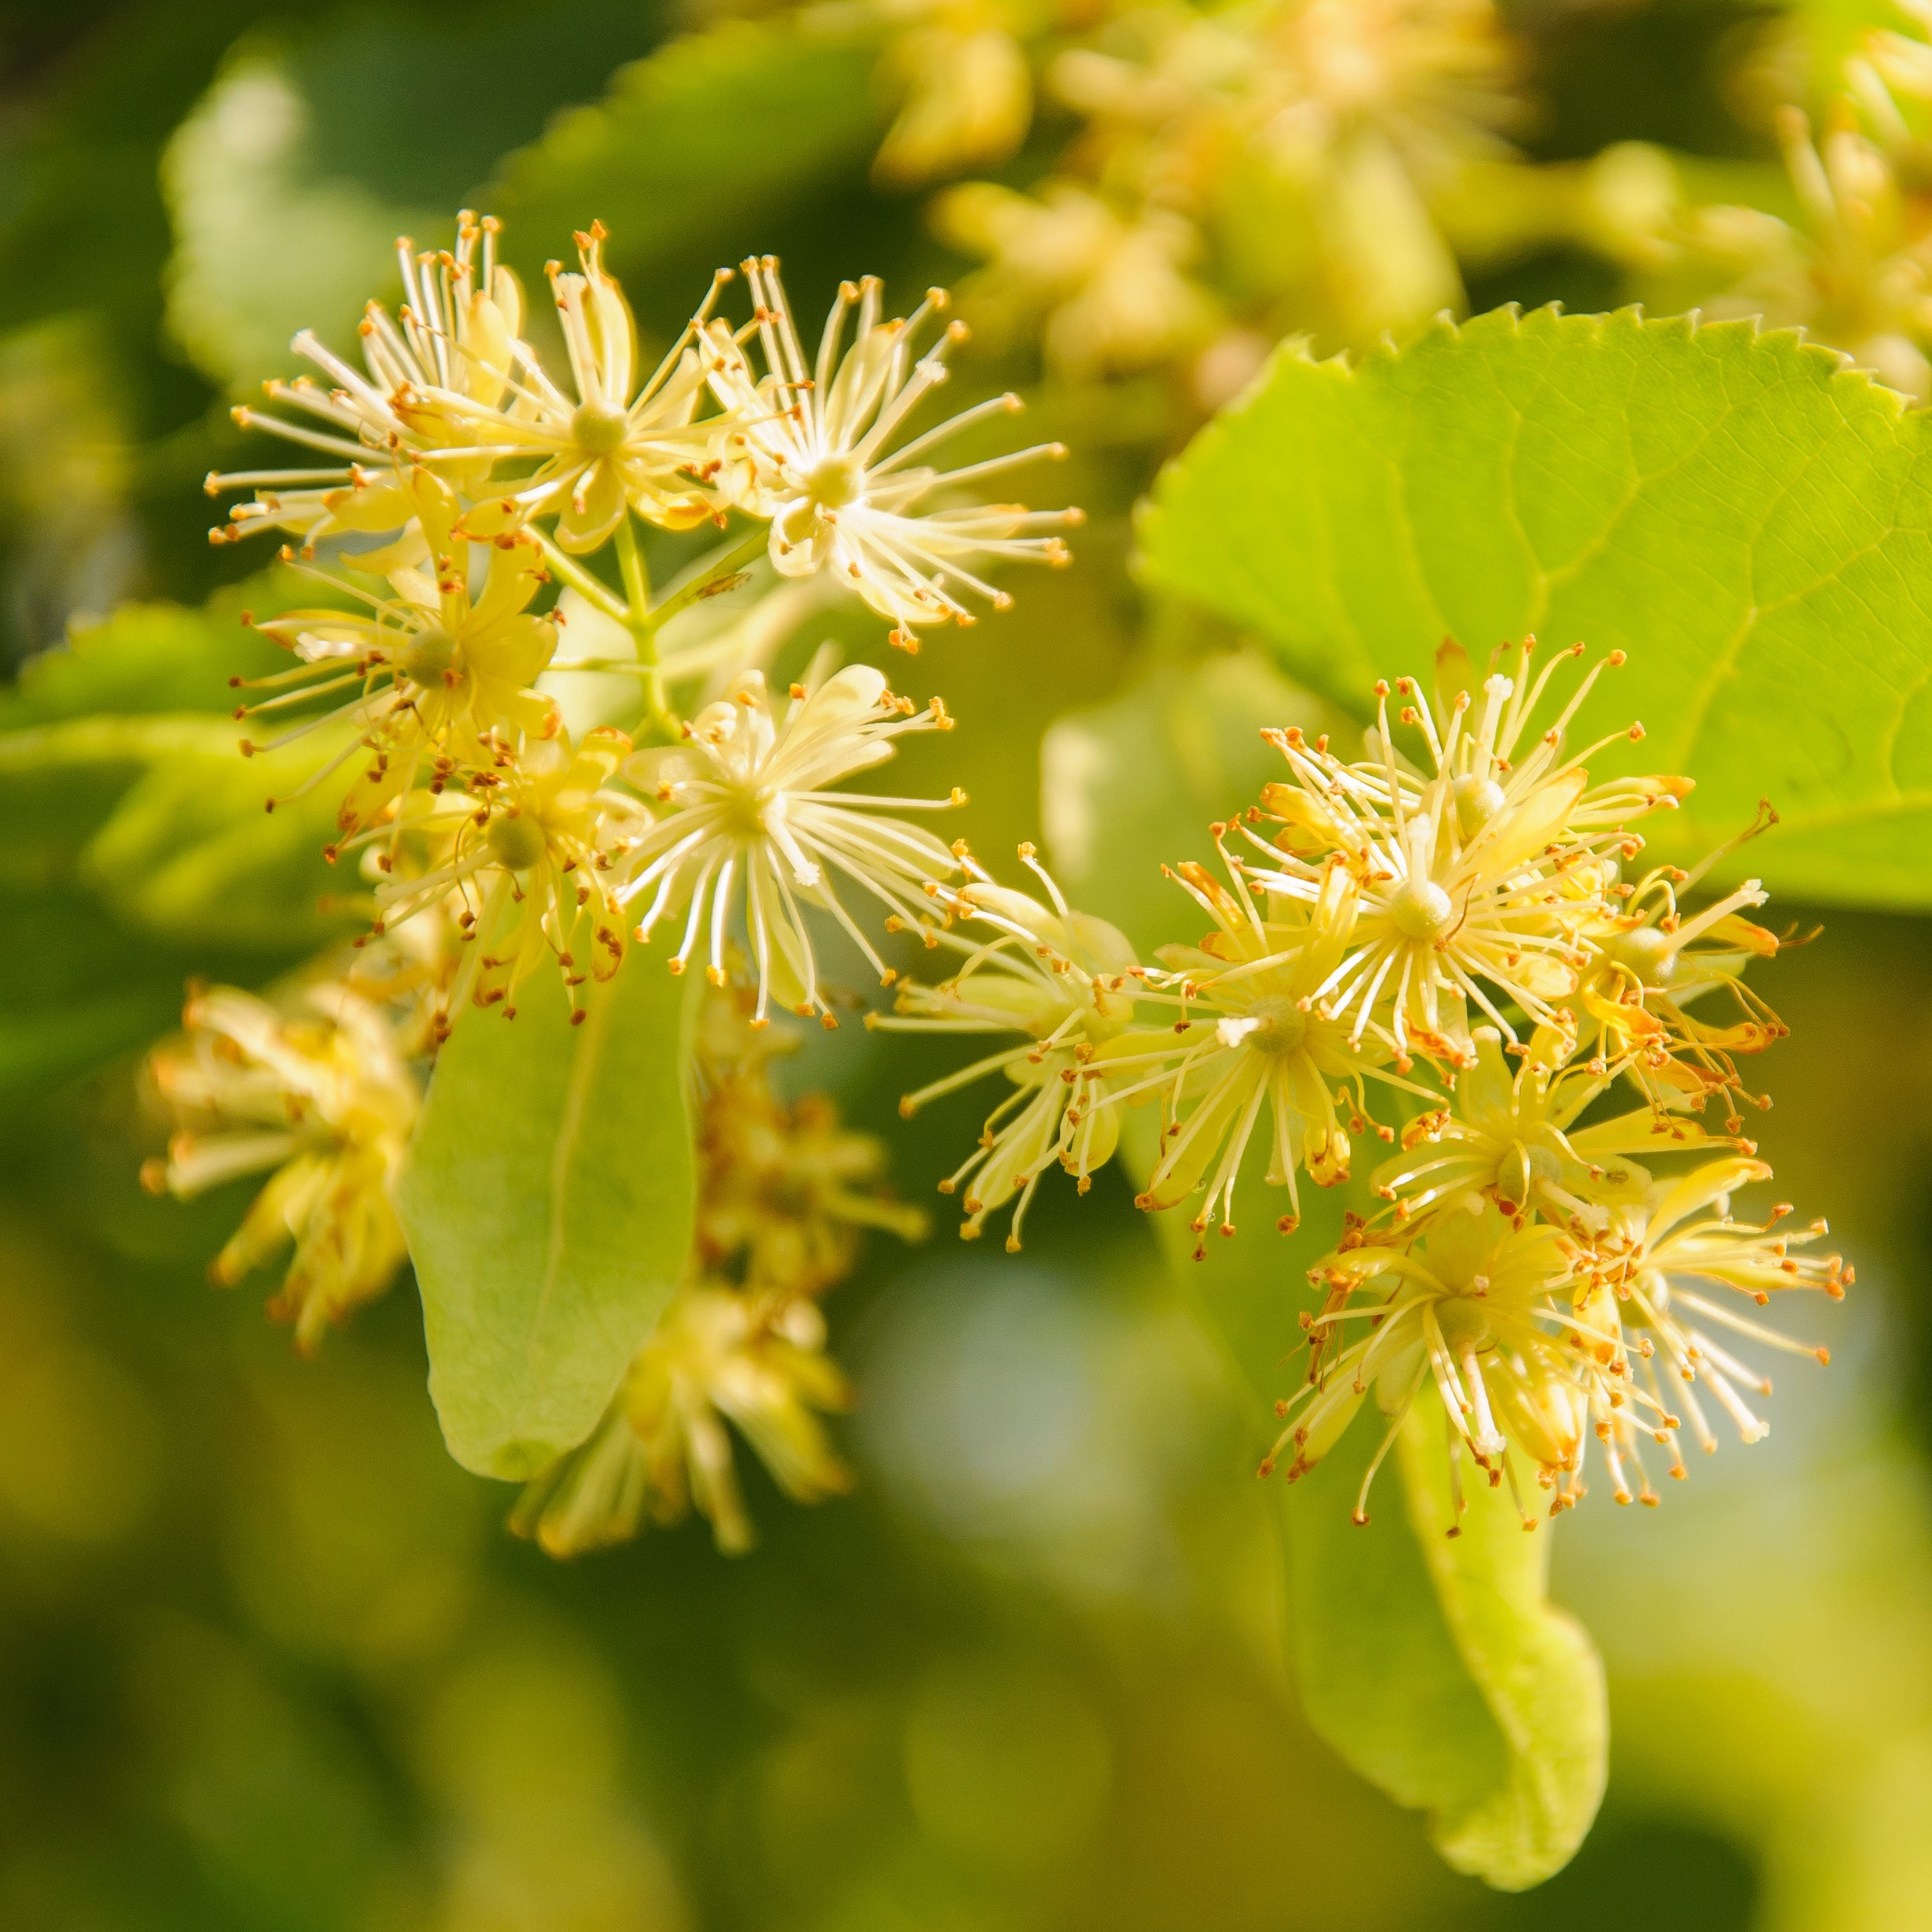 Lindenblüten findet man an der Sommerlinde (Tilia platyphyllos) und der Winterlinde (Tilia cordata)